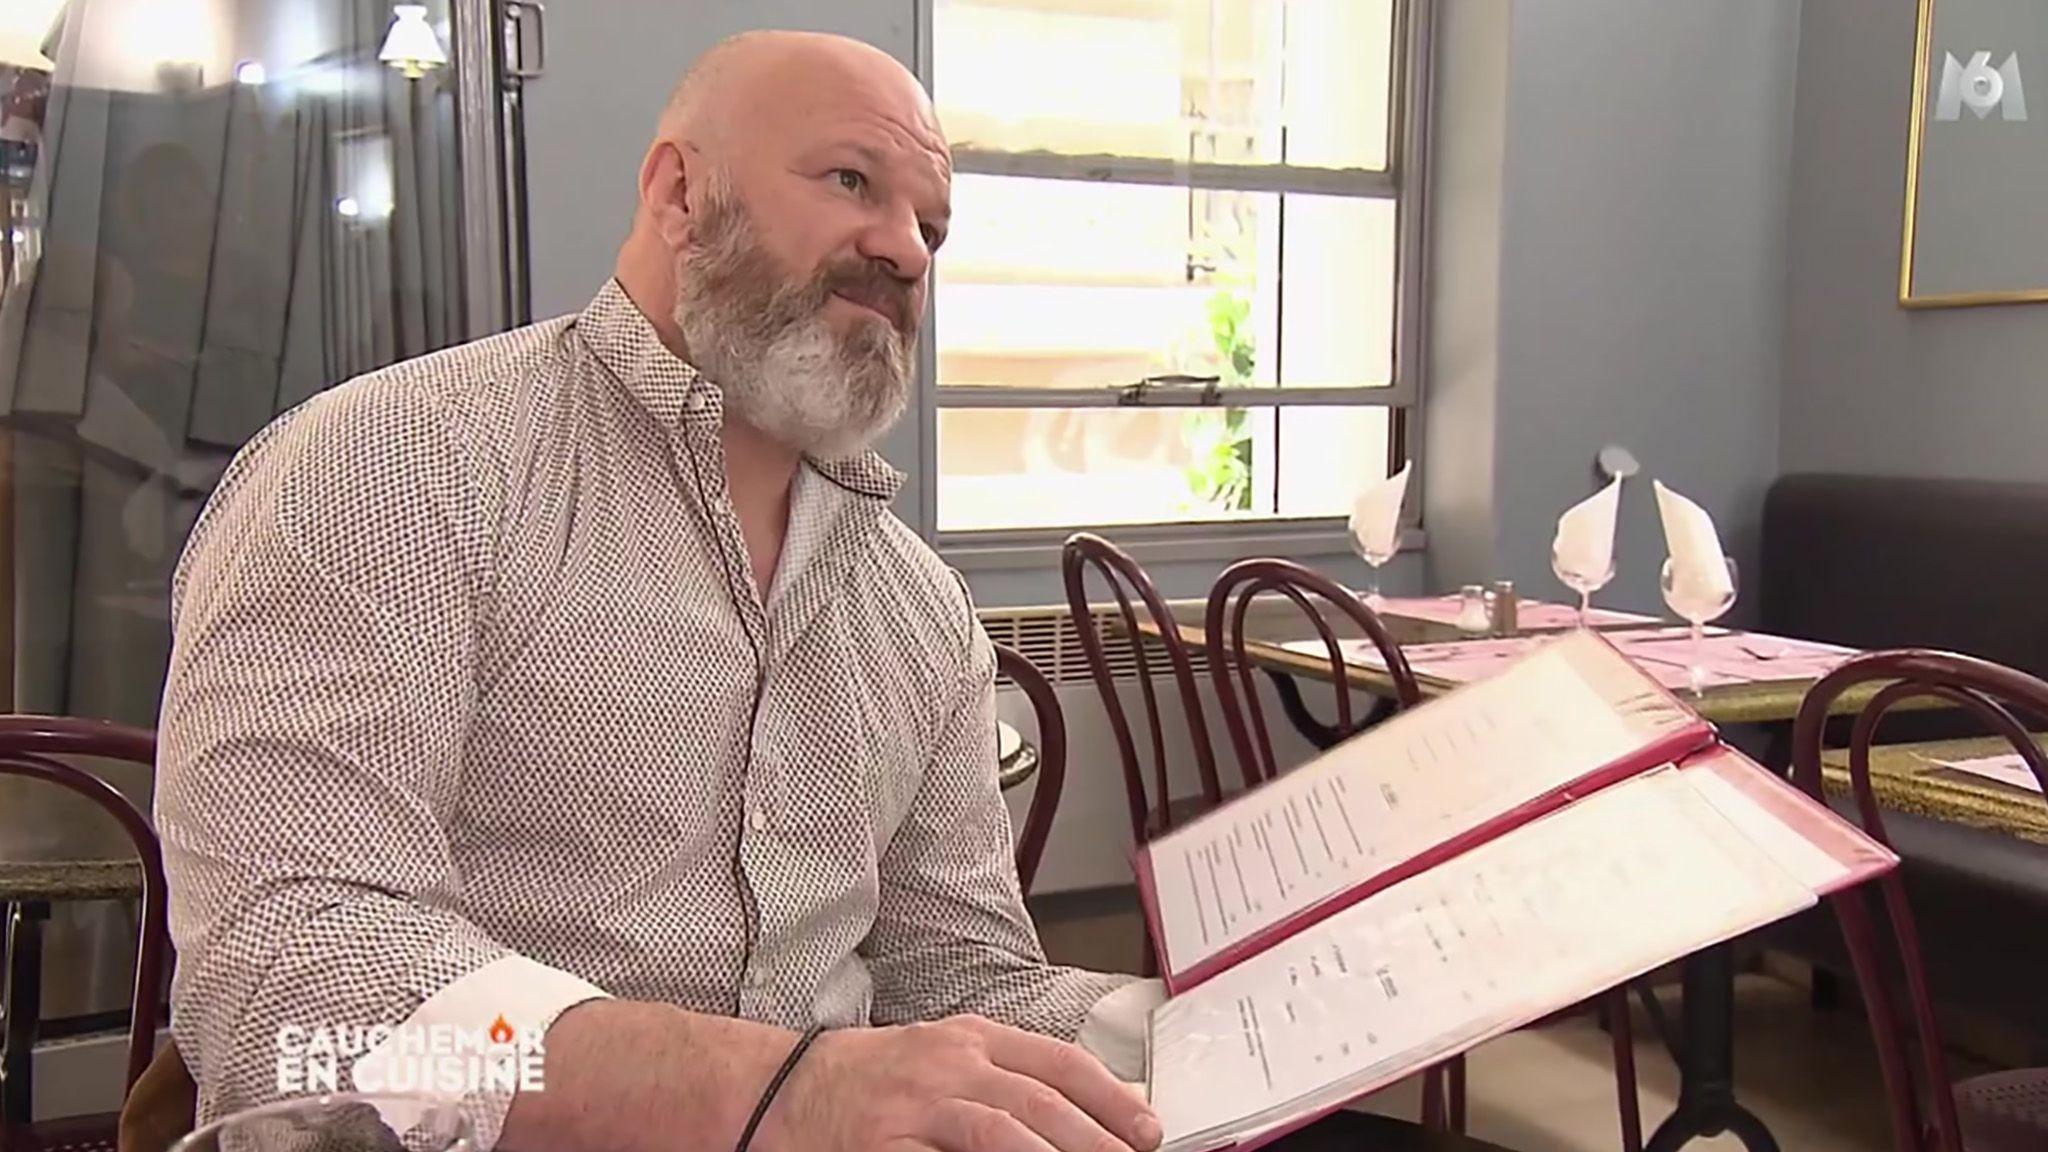 Gordon Ramsay Cauchemar En Cuisine Streaming Frais Galerie Video Philippe Etchebest Avec Des Cheveux Il Est Méconnaissable